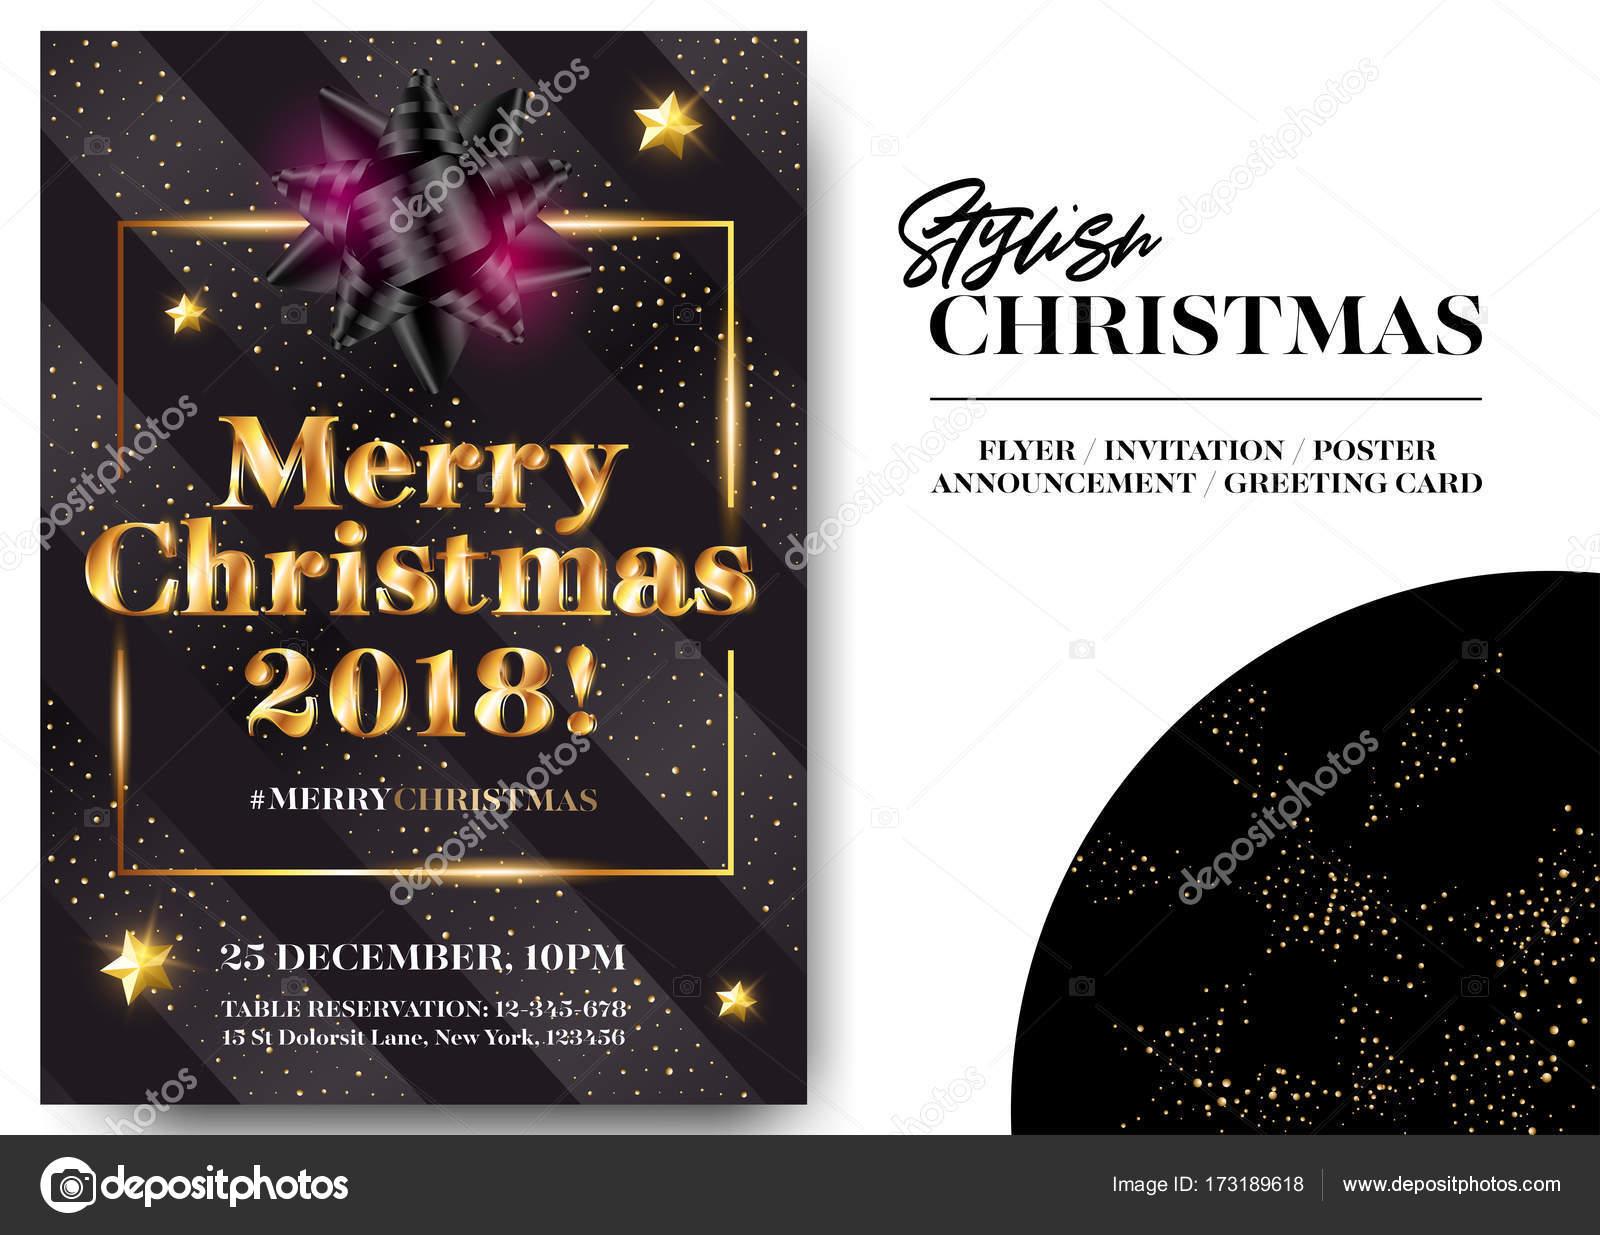 carte invitation noel 2018 Design élégant noir carte de voeux de joyeux Noël 2018. Modèle  carte invitation noel 2018